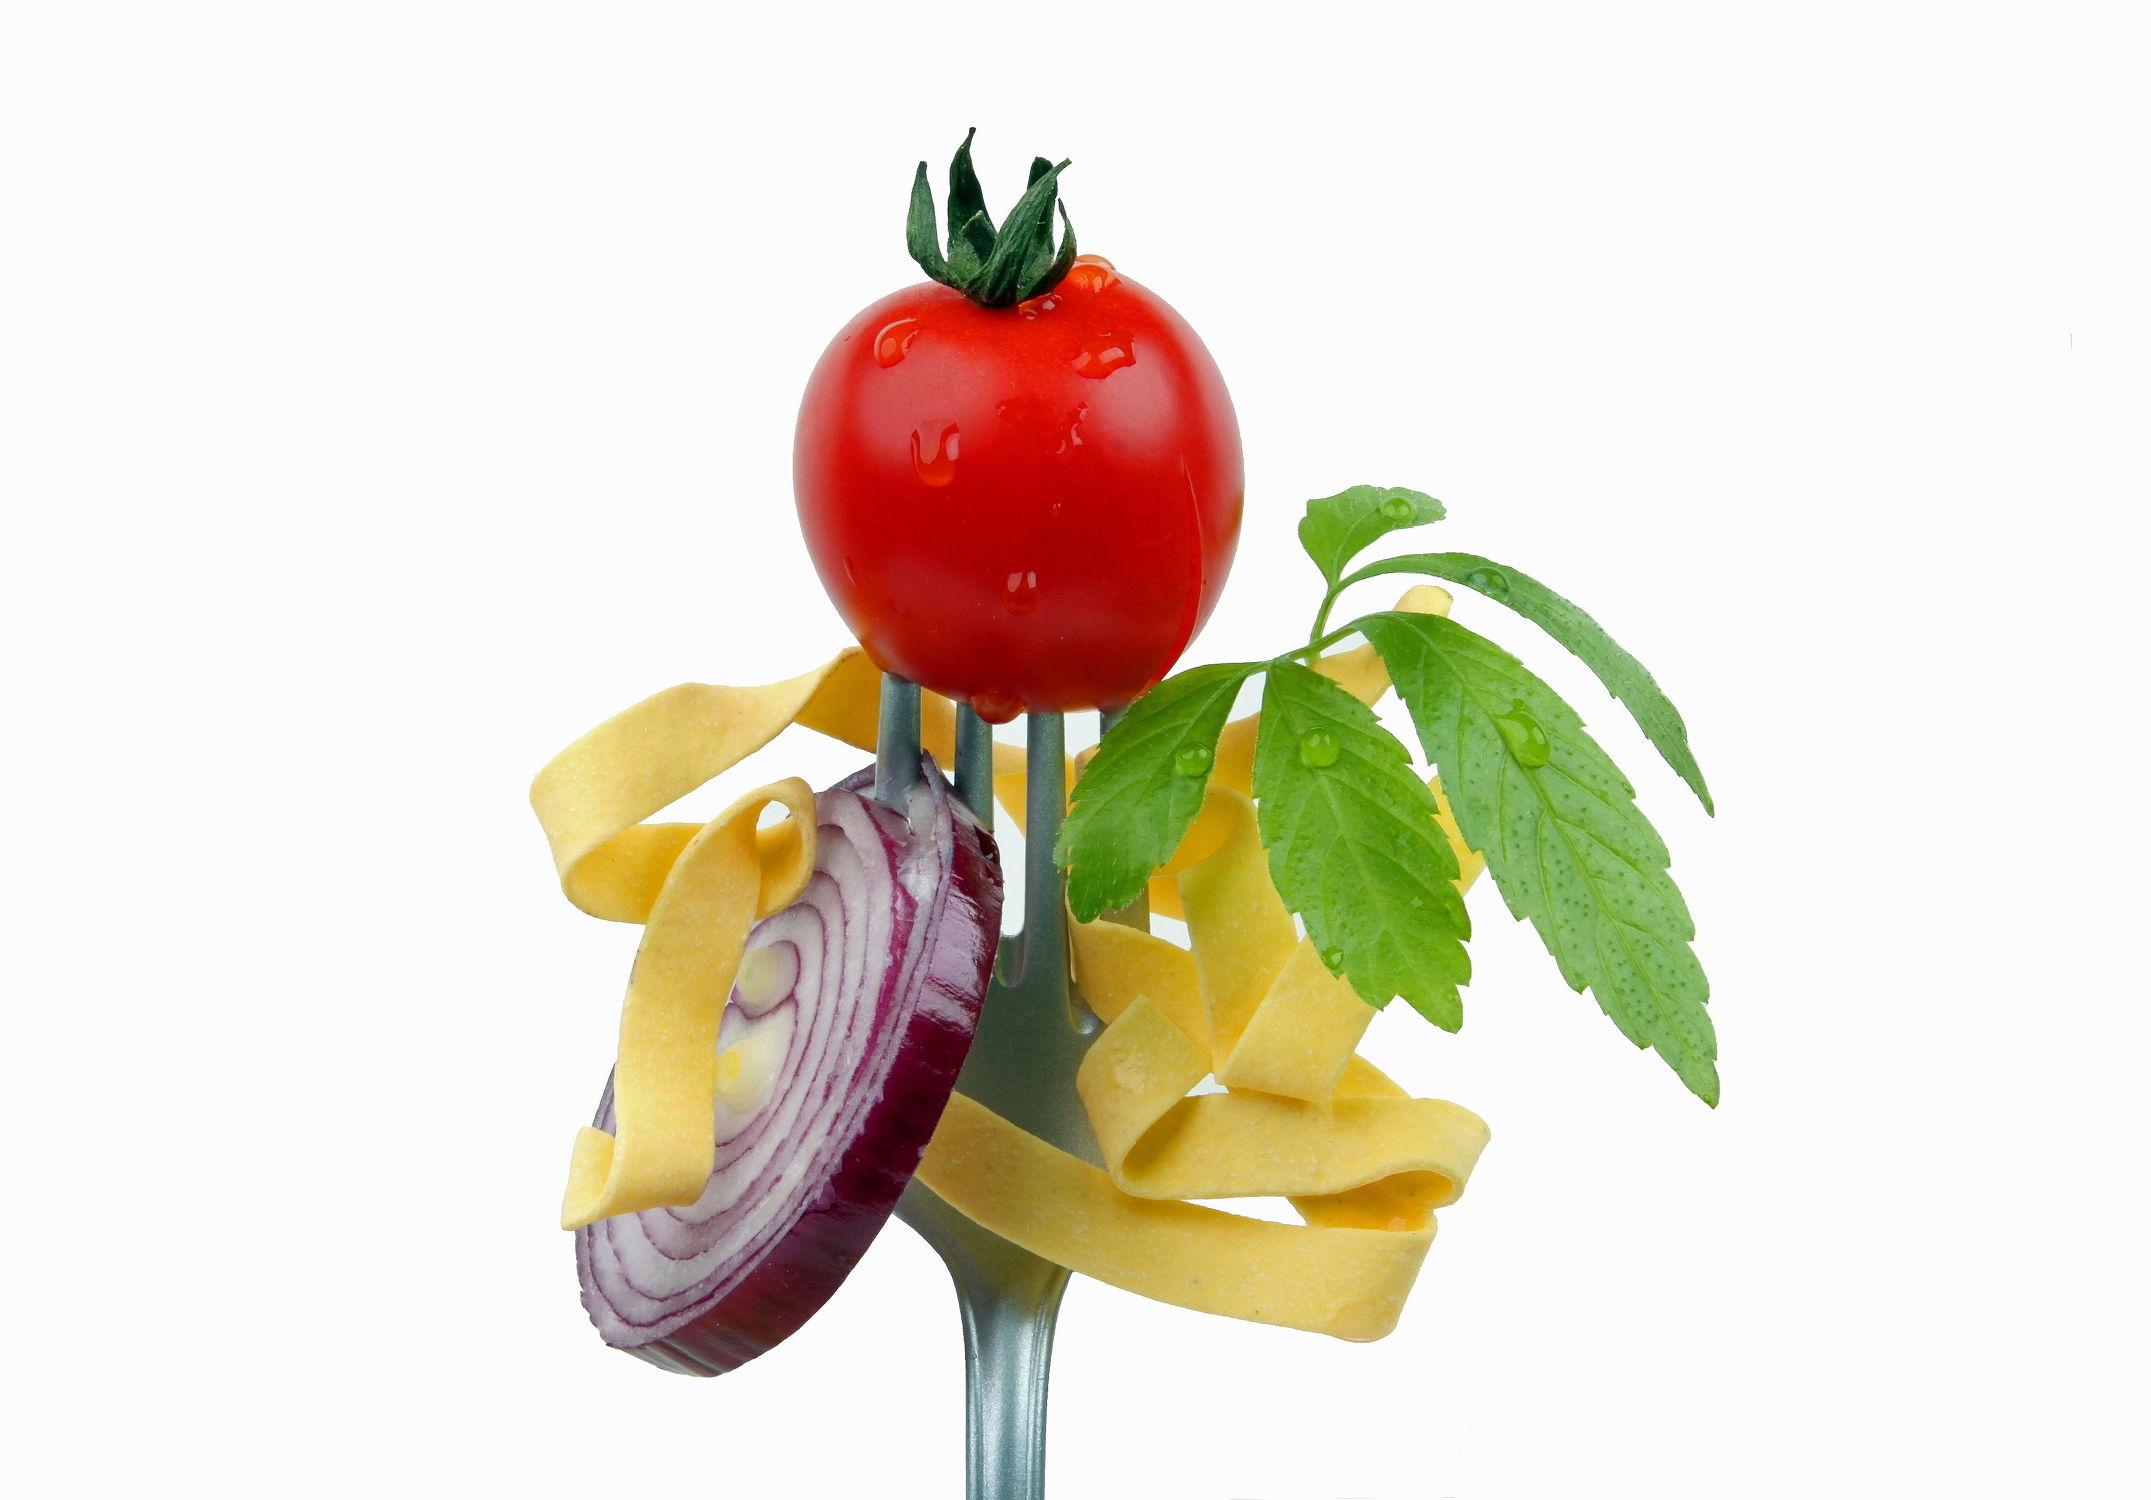 Bild mit Essen, Nudeln, Tomaten, Küchenbild, Nahrung, Food, Stilleben, Küchenbilder, Ernährung, Küche, dekorativ, Esszimmer, Zwiebel, kochen